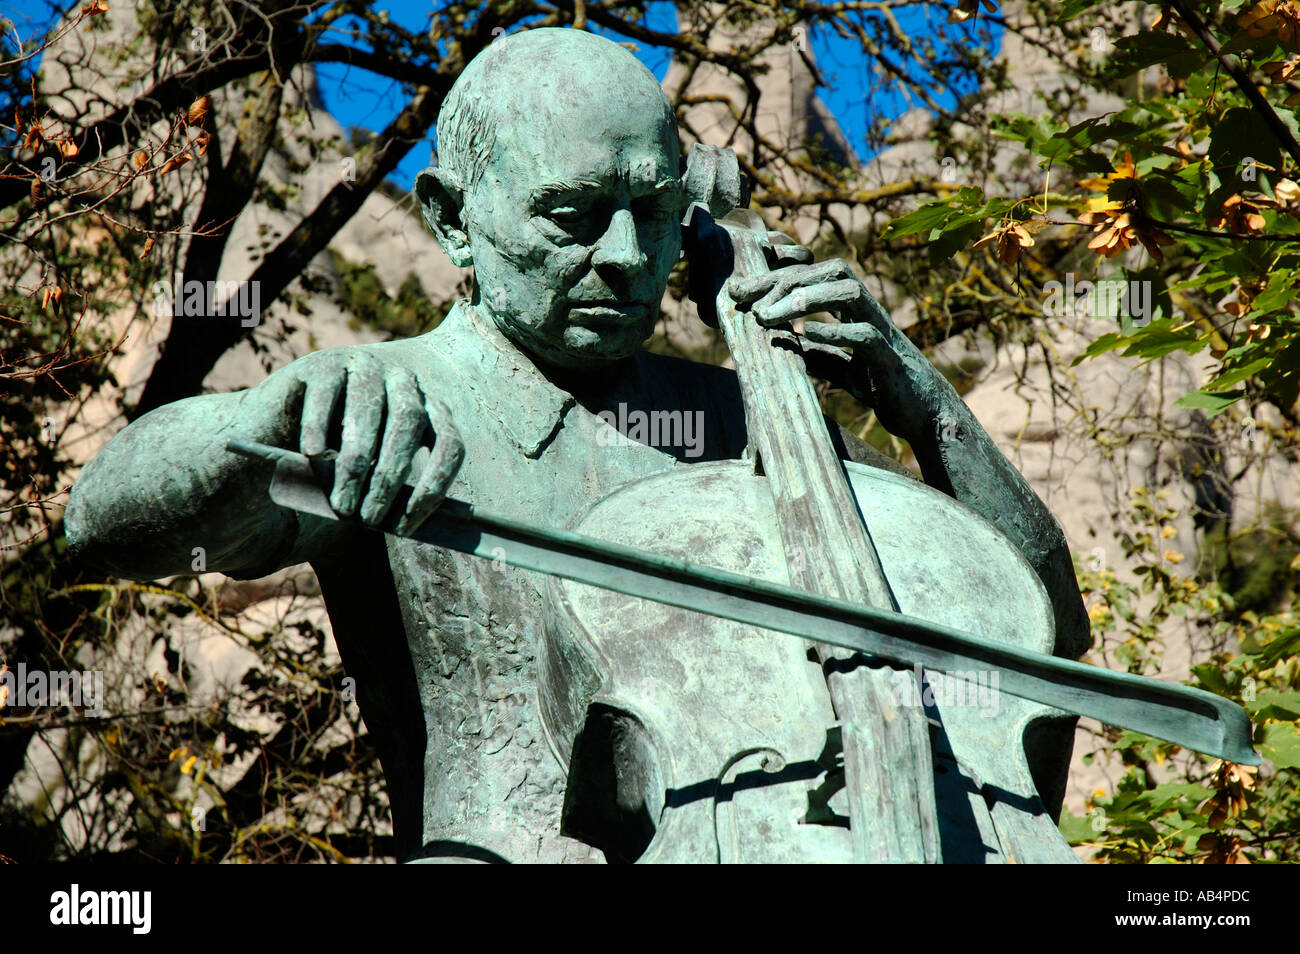 Statua della violoncellista Pablo Casals, Montserrat, Catalogna, Spagna Immagini Stock